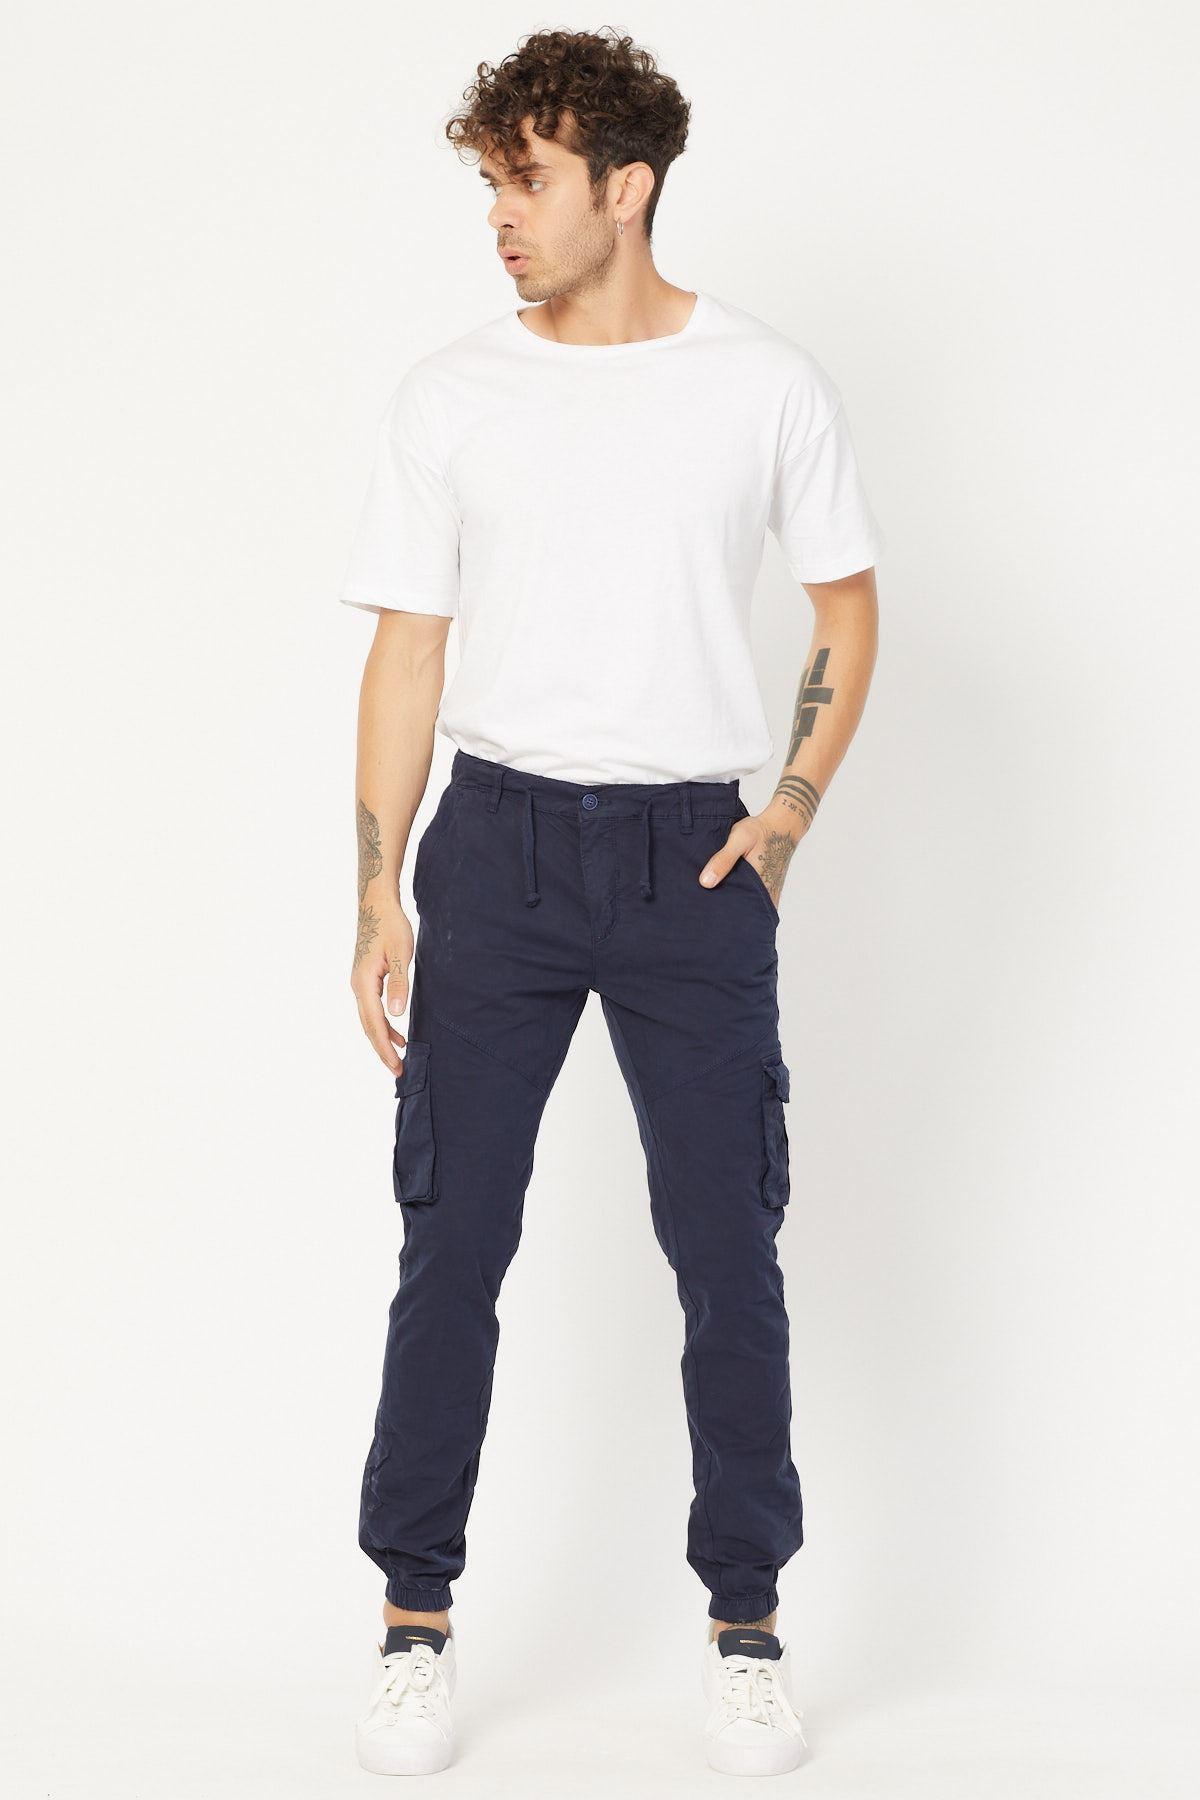 Kargo Cepli Lacivert Keten Pantolon